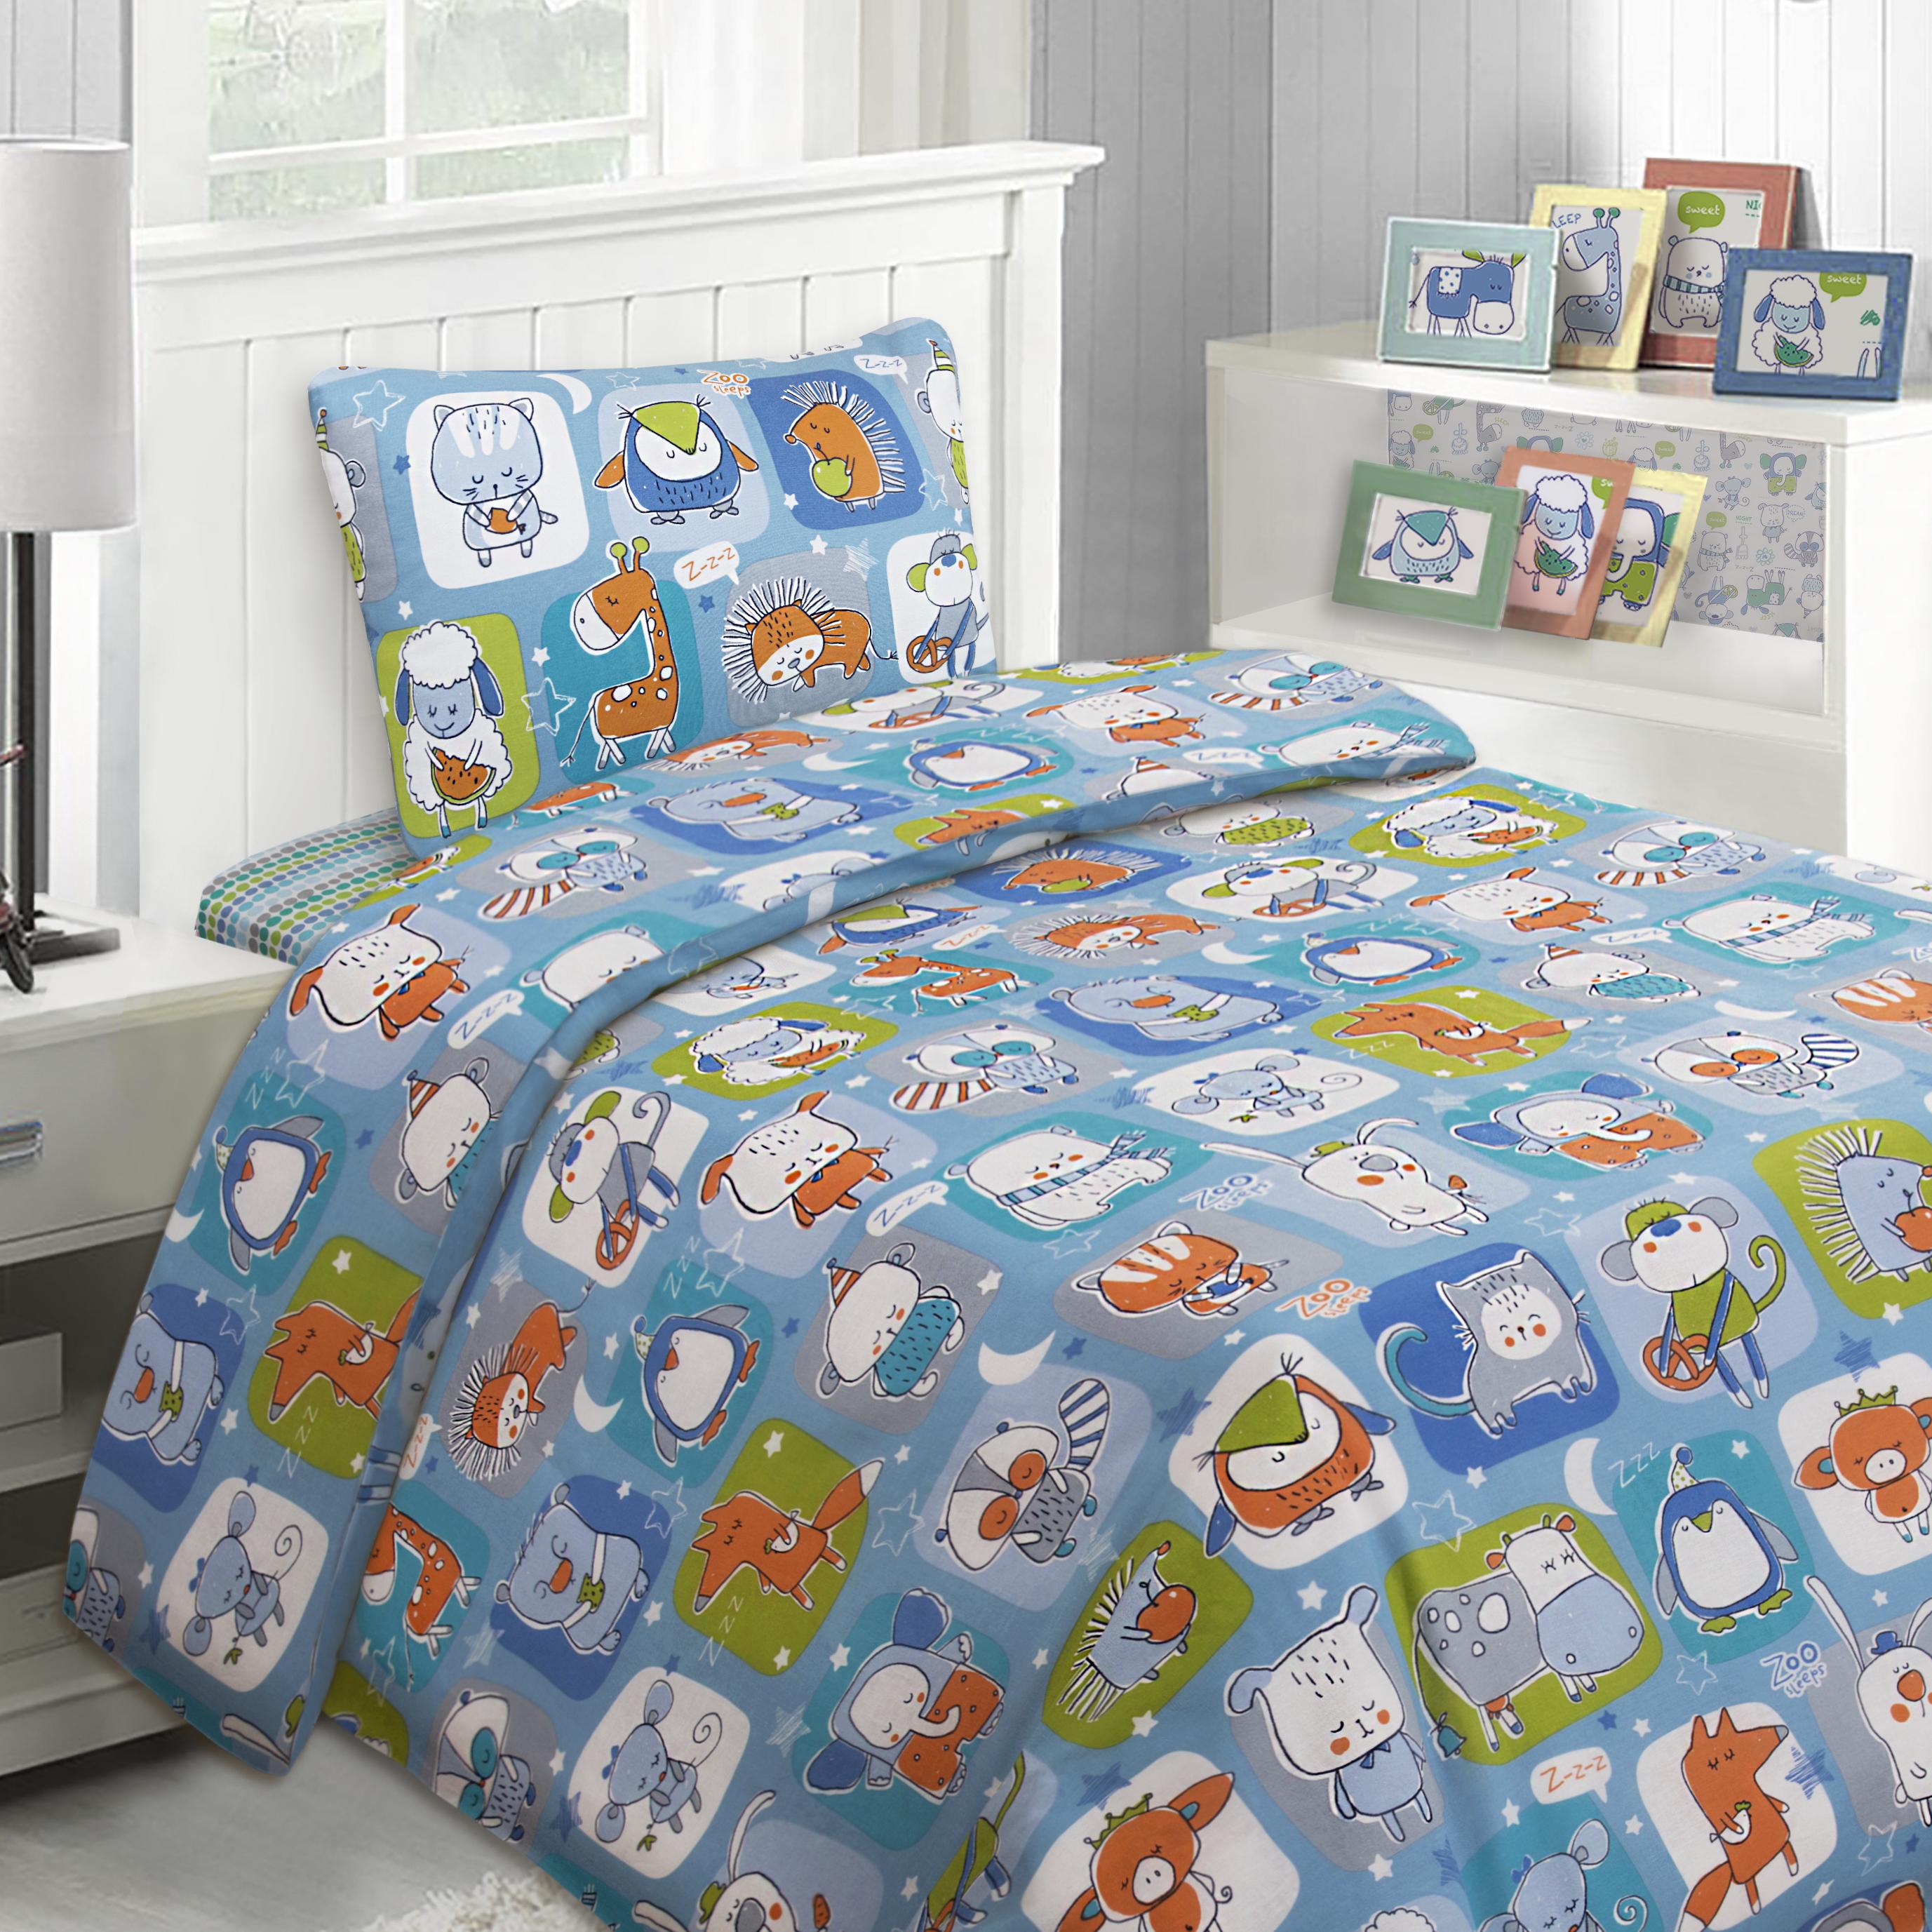 детское постельное белье Mona Liza Детское Постельное белье Спящий Зоопарк В Квадрате Цвет: Салатовый (145х210 см) цена